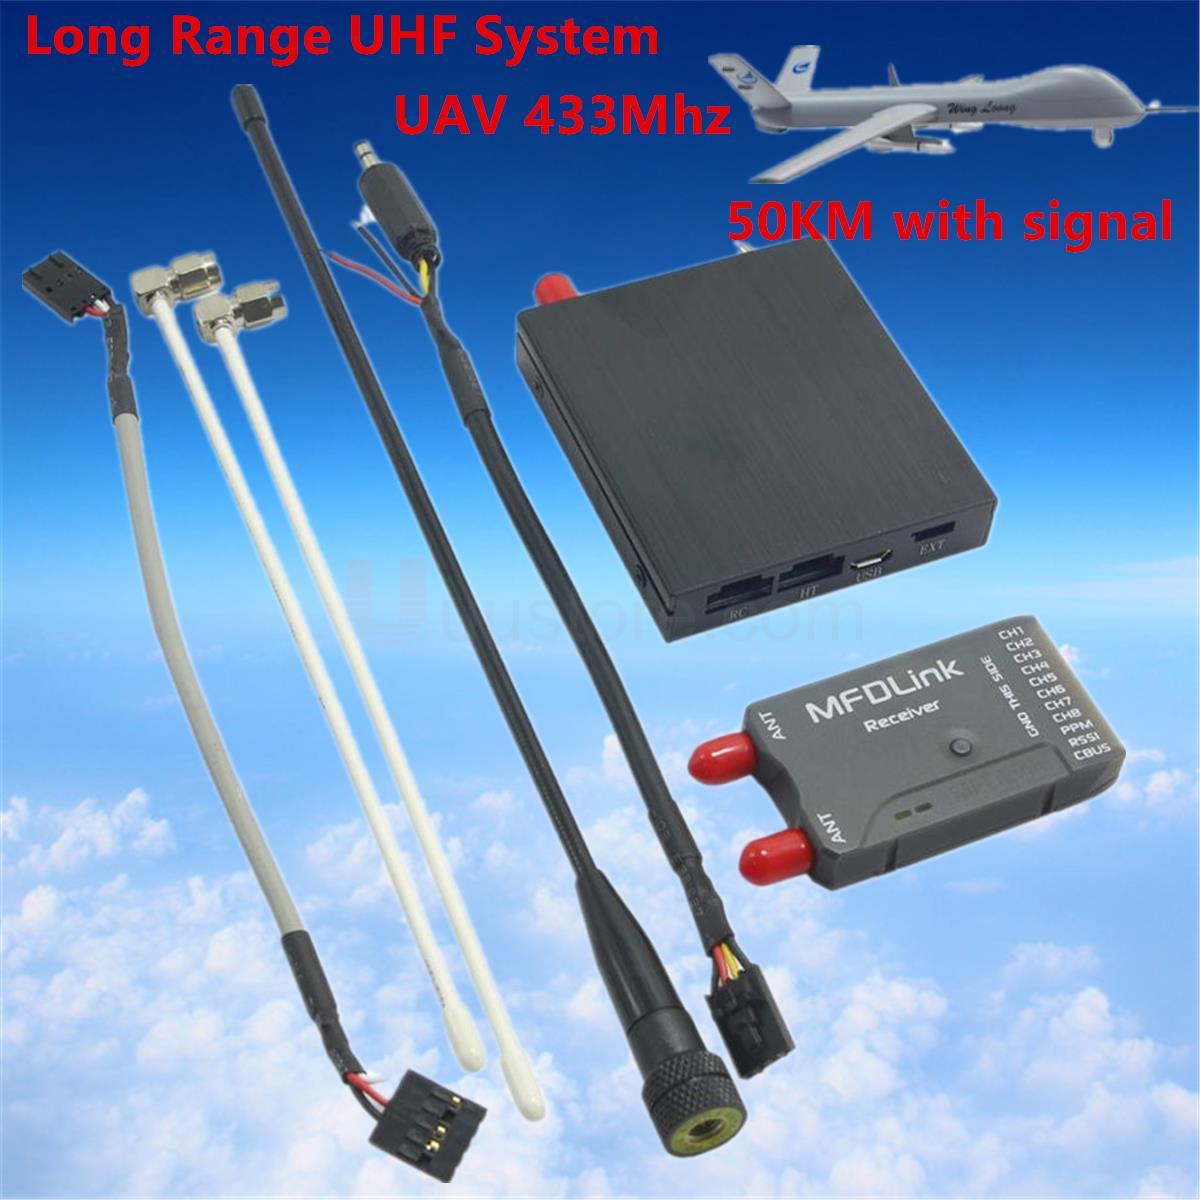 50 KM Longue Portée MFDLink Rlink 433 Mhz 16CH 1 W RC FPV UHF système Émetteur w/8 Canal Récepteur TX + RX Ensemble Pour haute fpv qualité